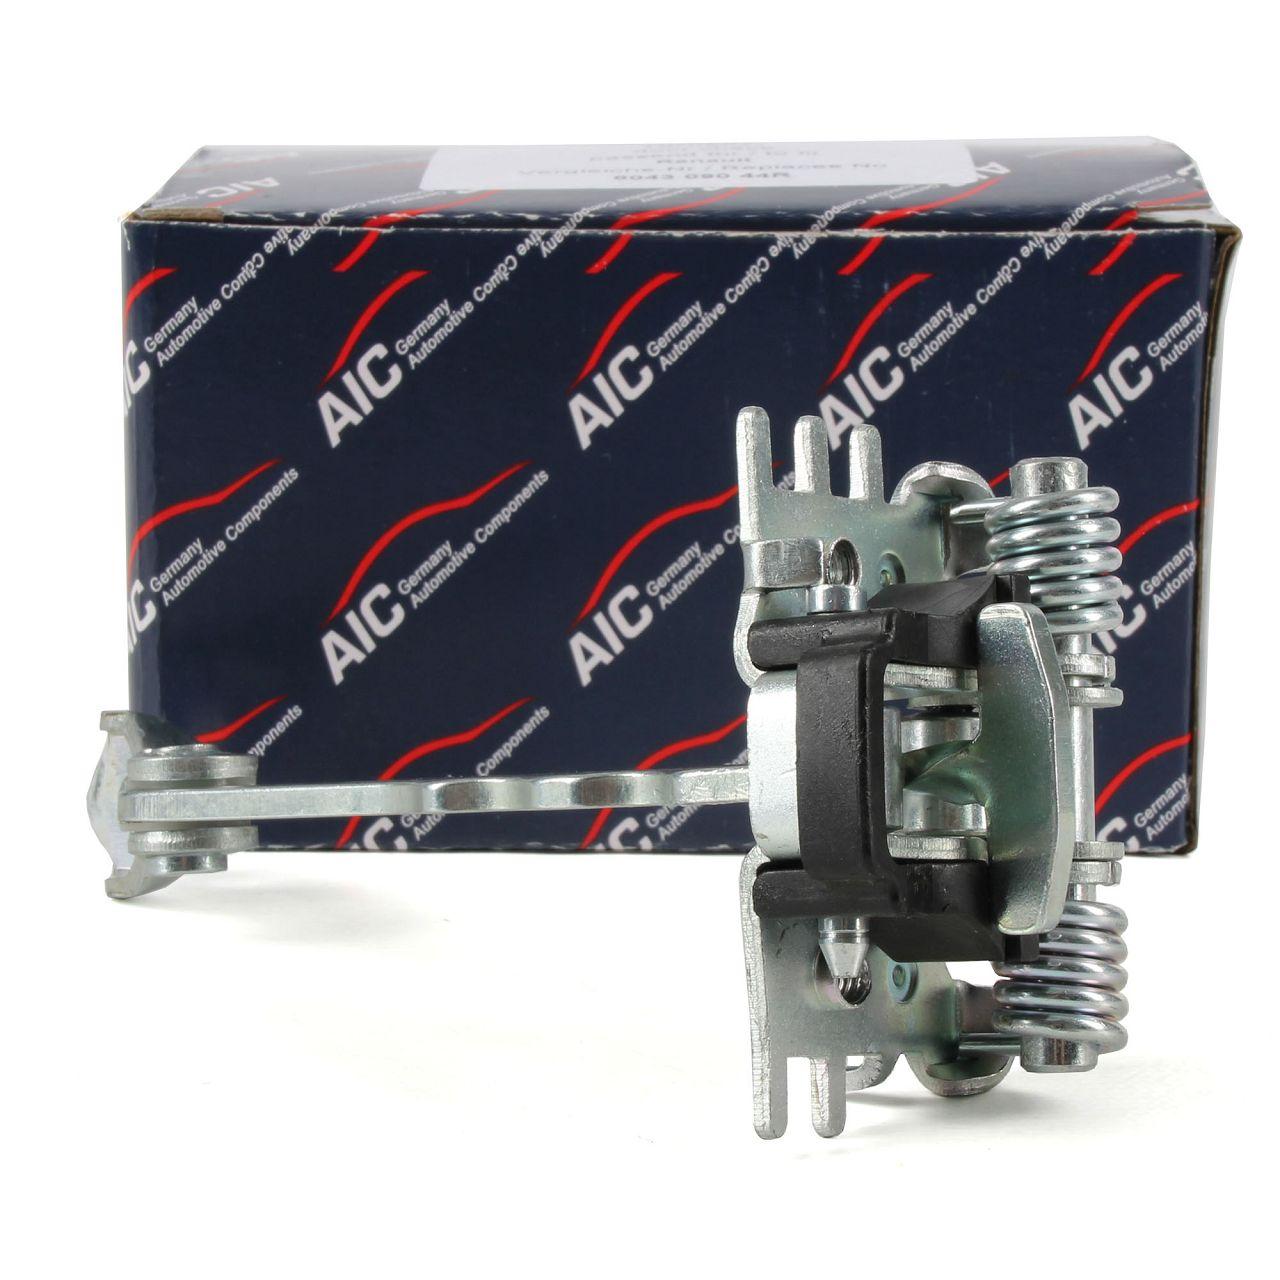 AIC Türfeststeller Türhalteband Türfangband für RENAULT MEGANE III Coupe vorne